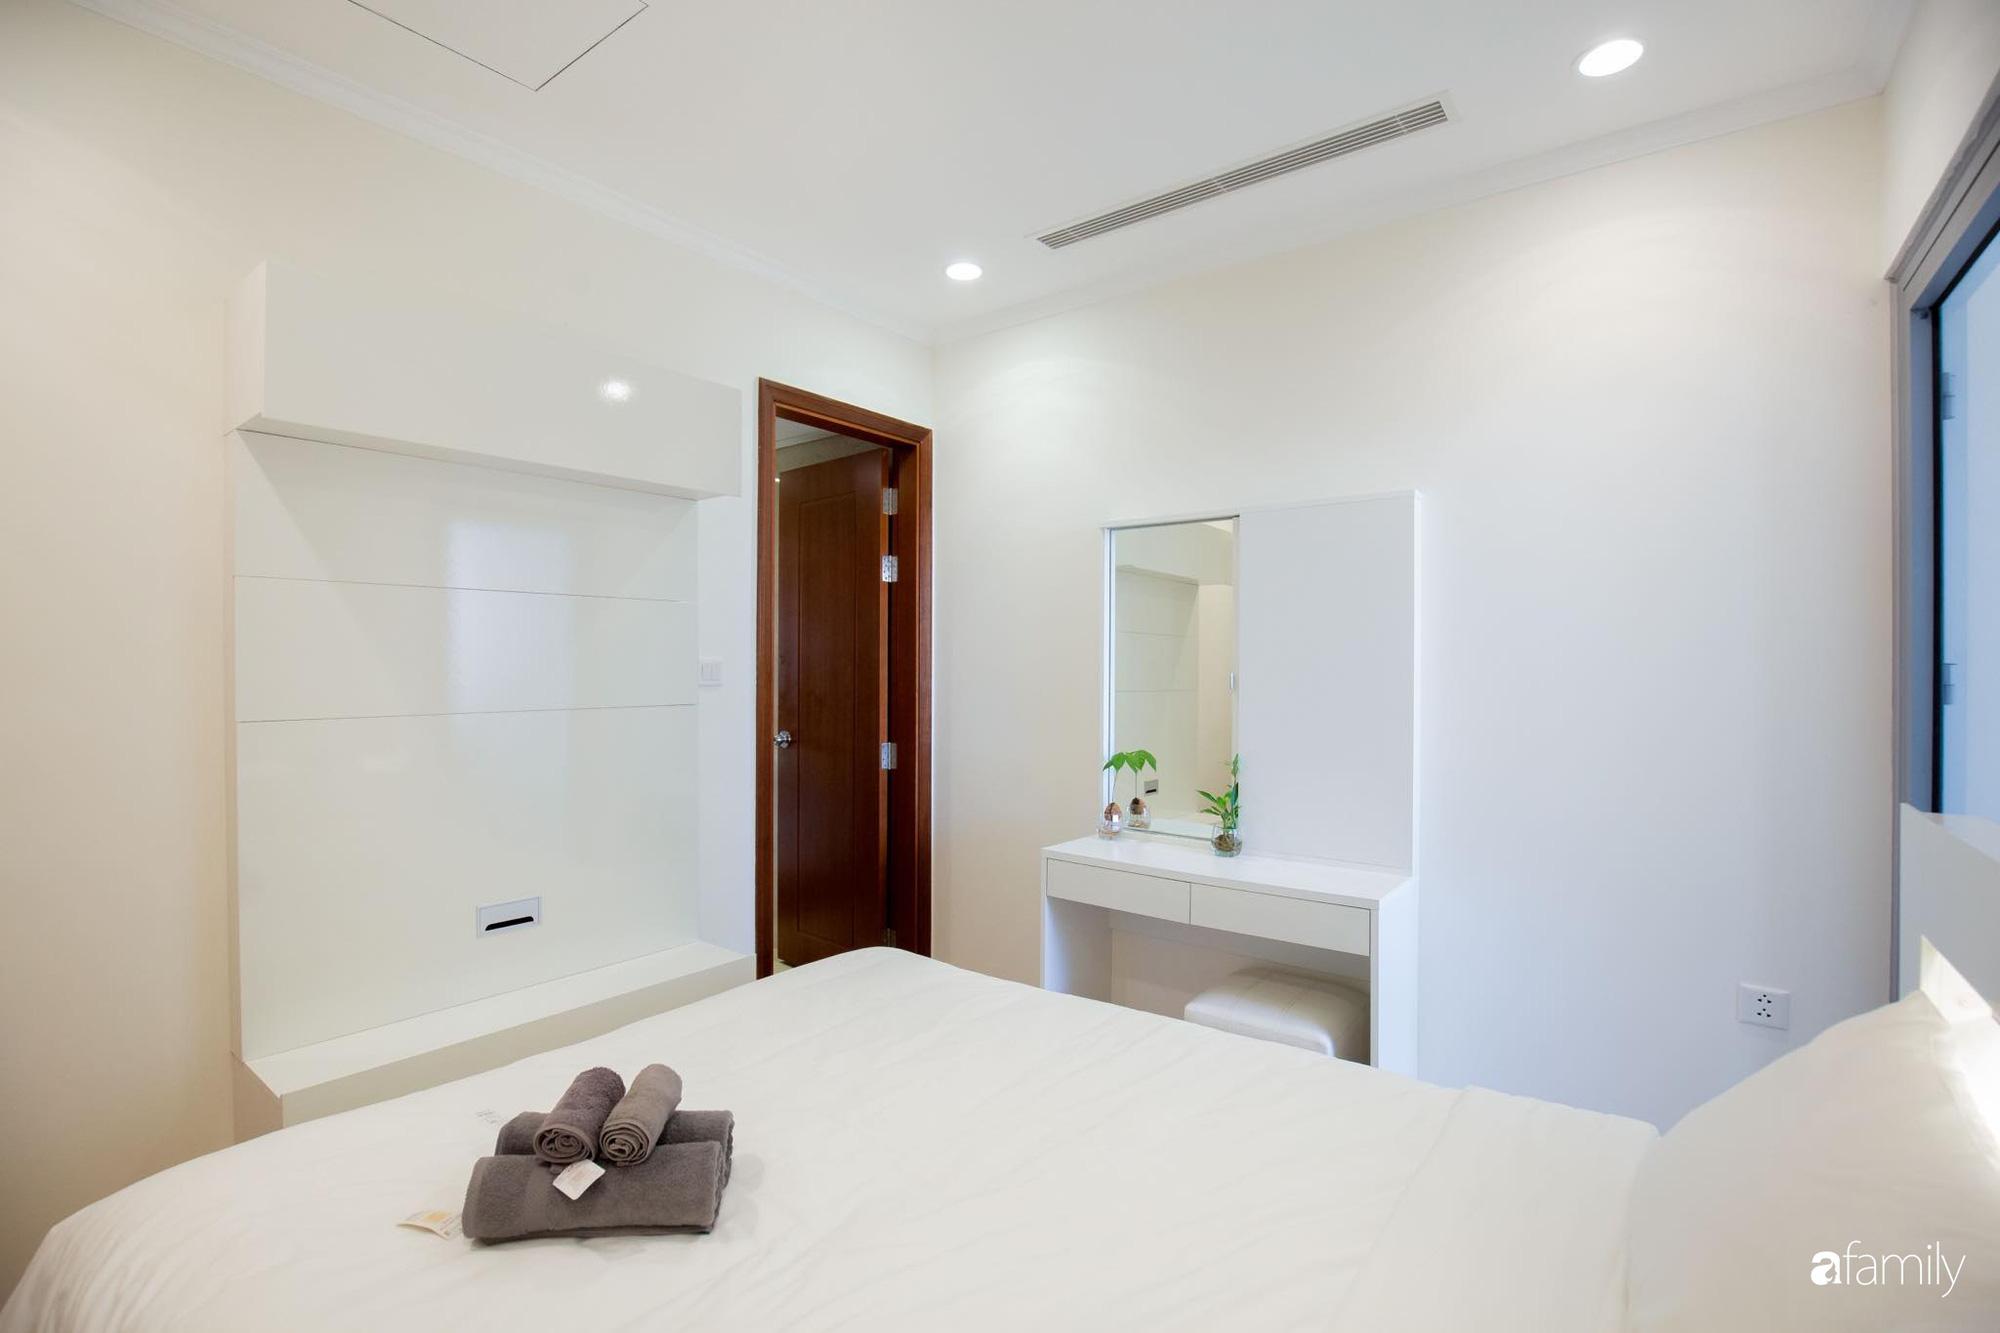 Căn hộ 64m2 trên tầng cao đẹp lôi cuốn nhờ view ngắm hoàng hôn ở Hà Nội - Ảnh 13.